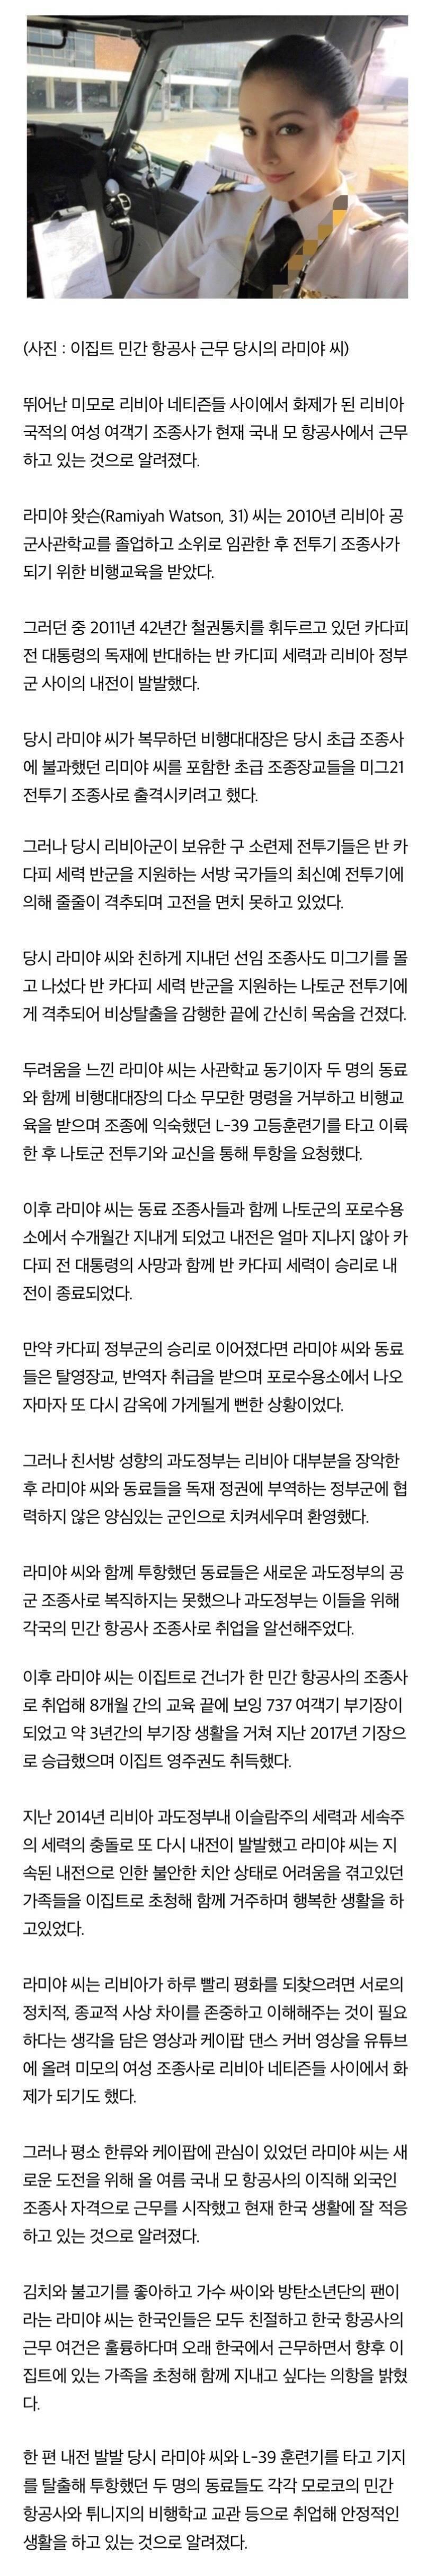 한국 항공사에 입사한 외국인 여성 조종사 | 인스티즈